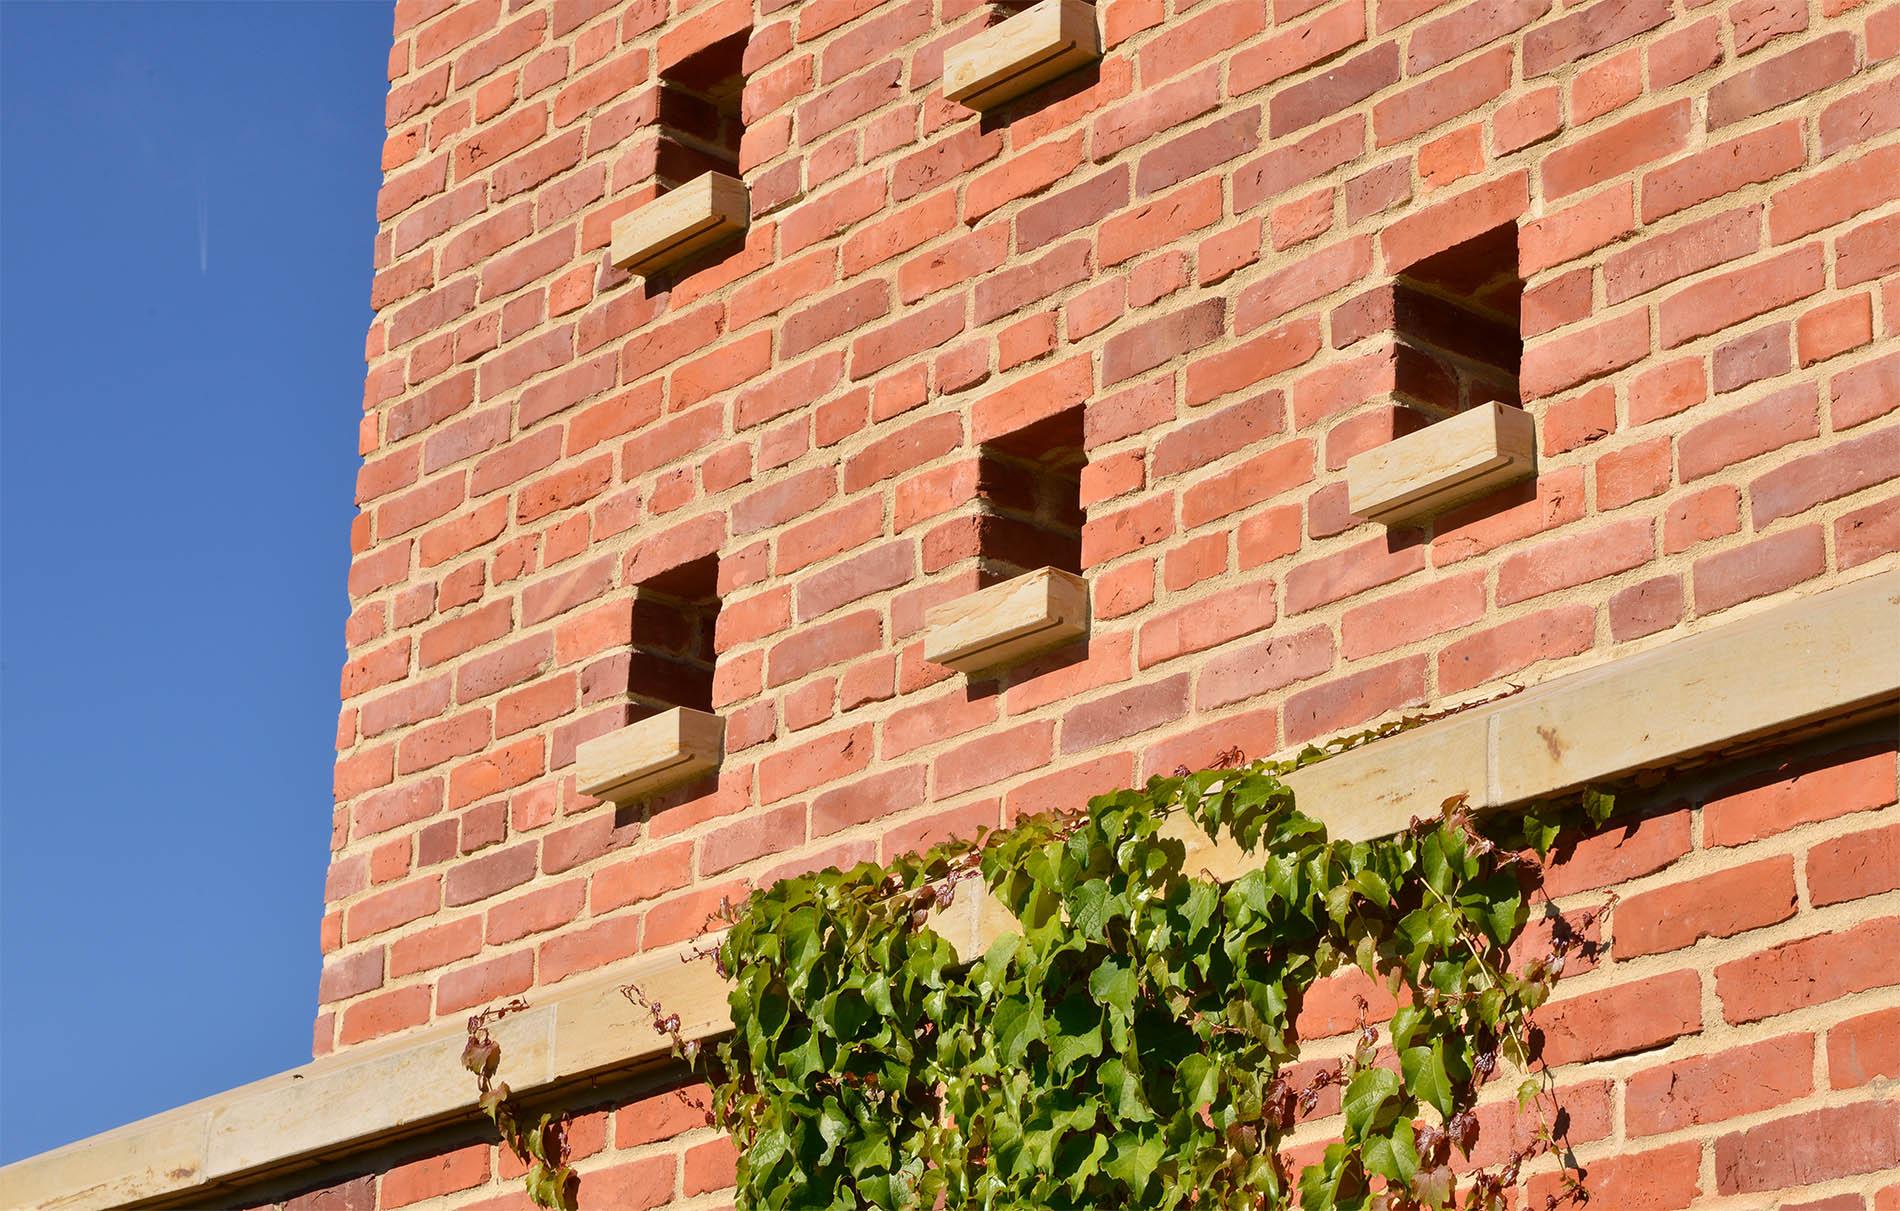 Gärten der Welt Englischer Garten Berlin mit Mauerabdeckungen und Abdeckplatten aus Seeberger Sandstein von TRACO